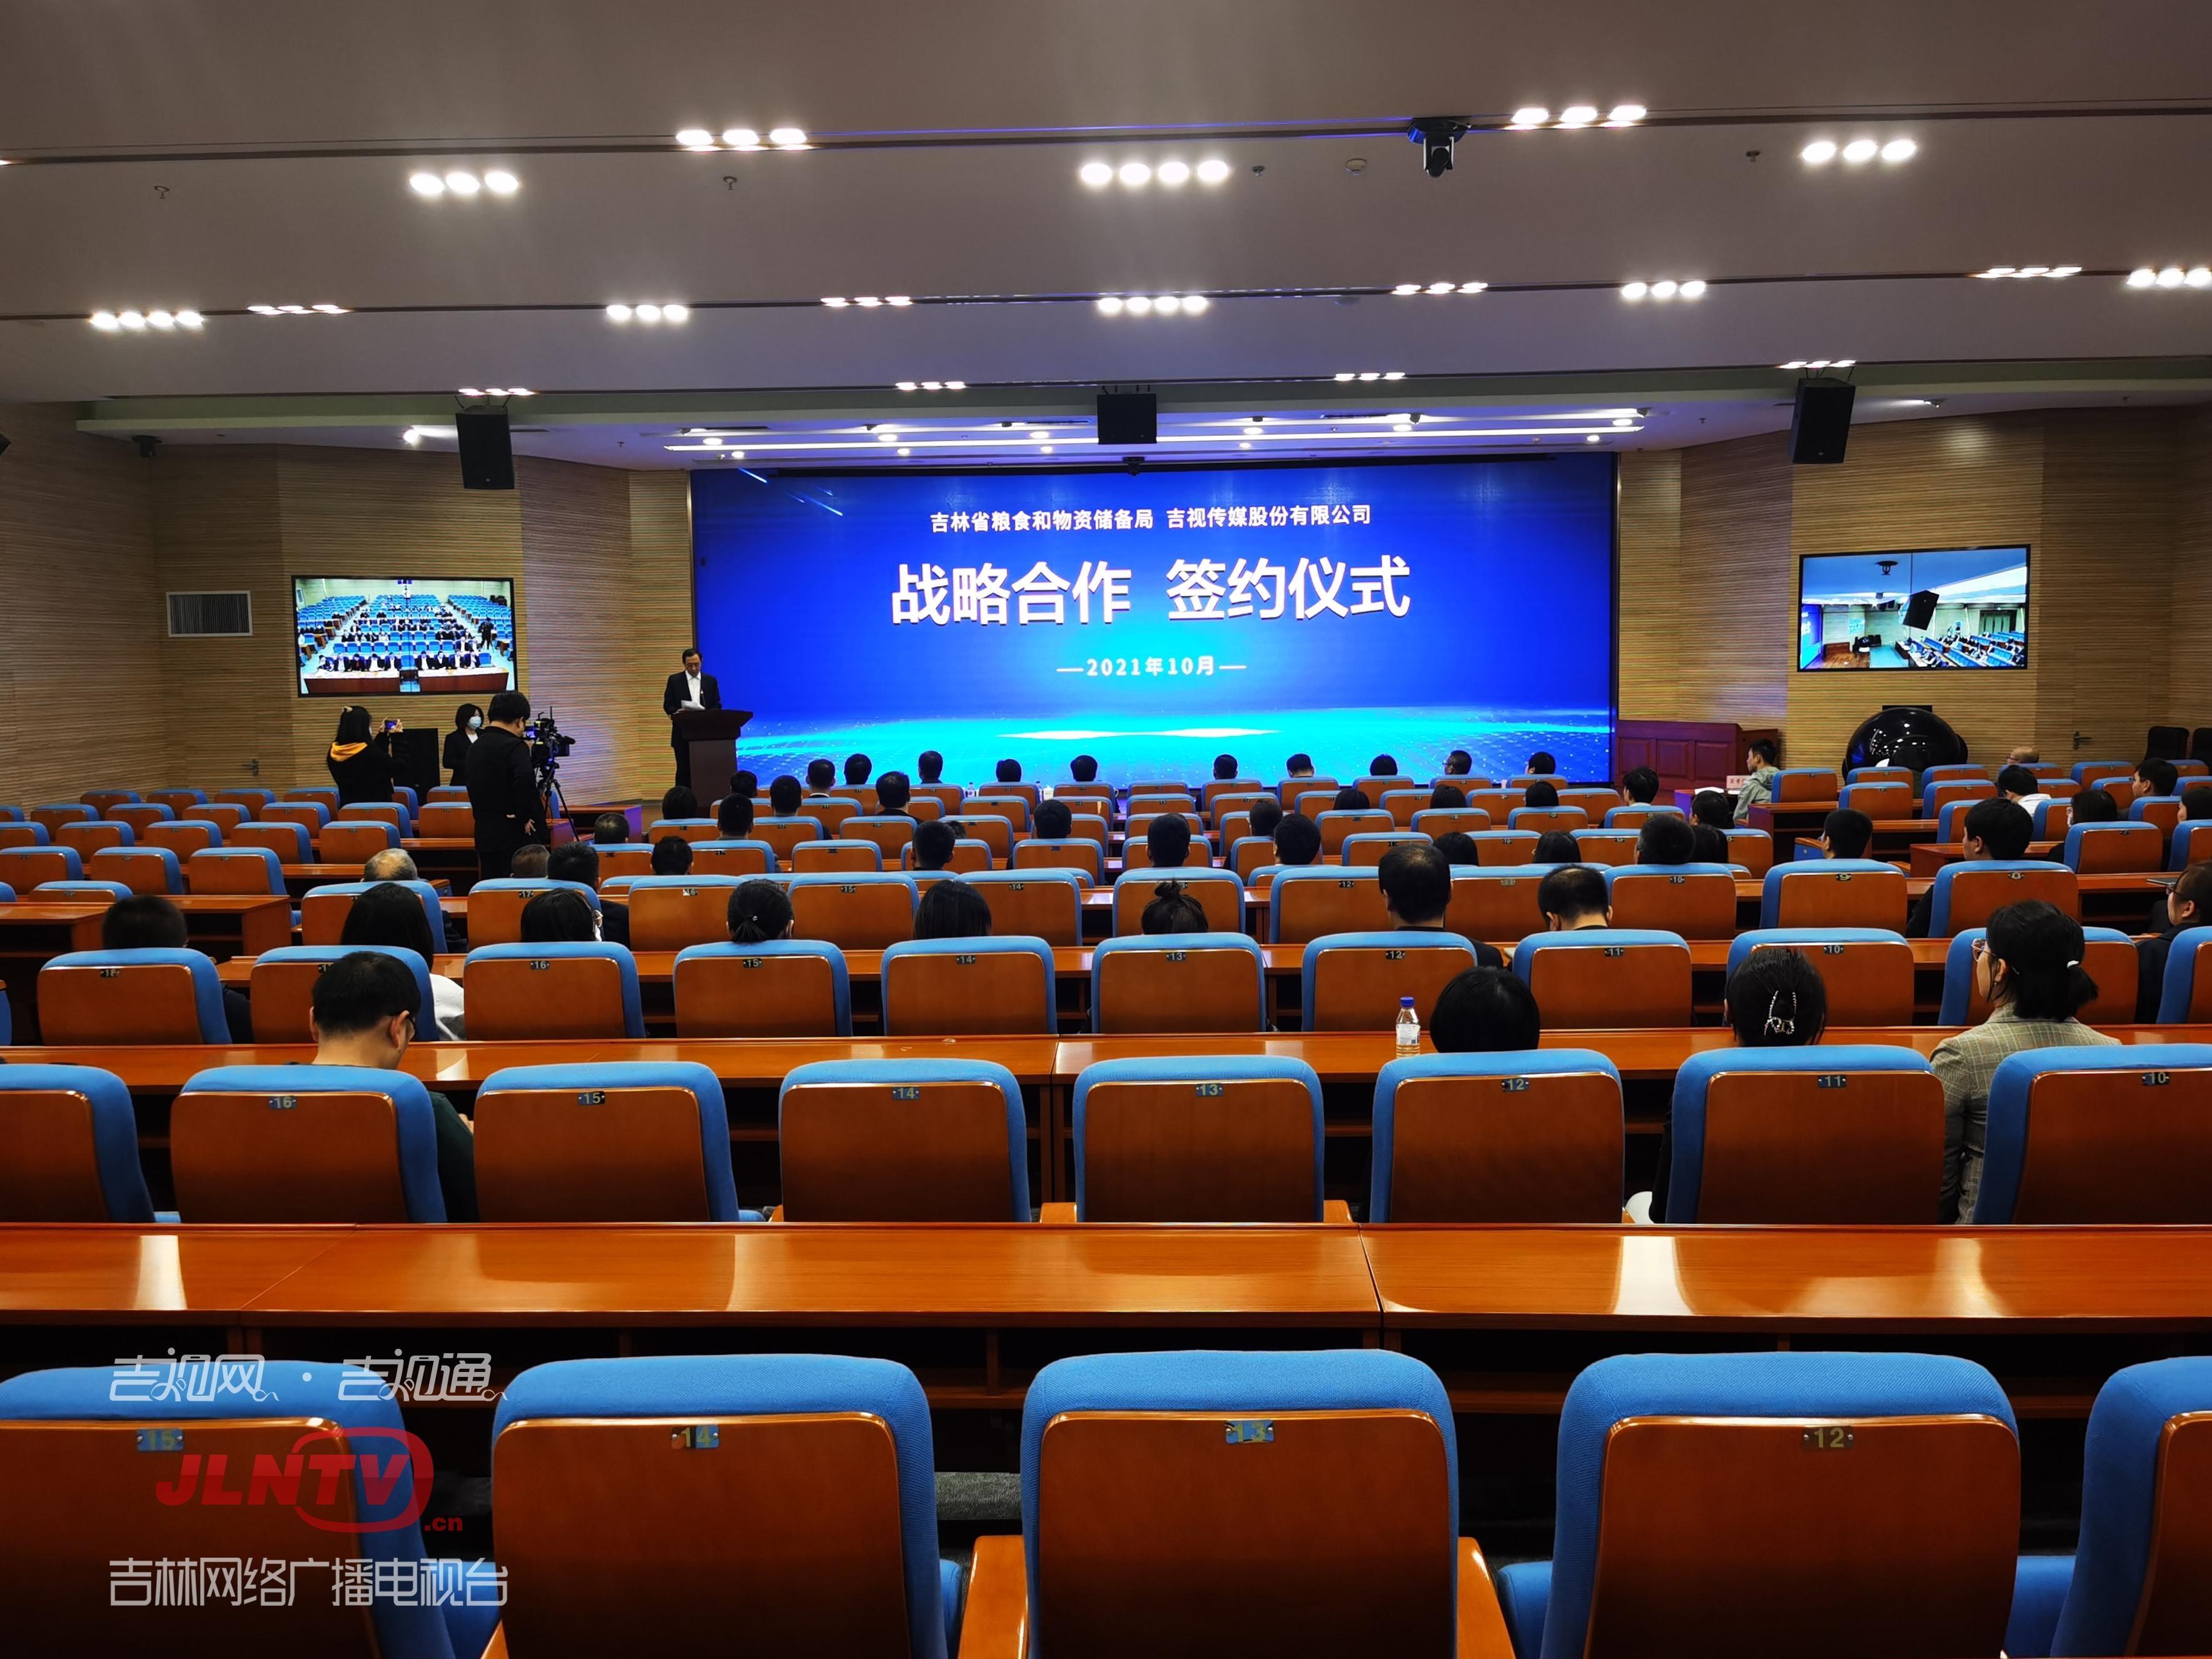 吉林省粮食和物资储备局与吉视传媒股份有限公司战略合作协议签约仪式在长春举行